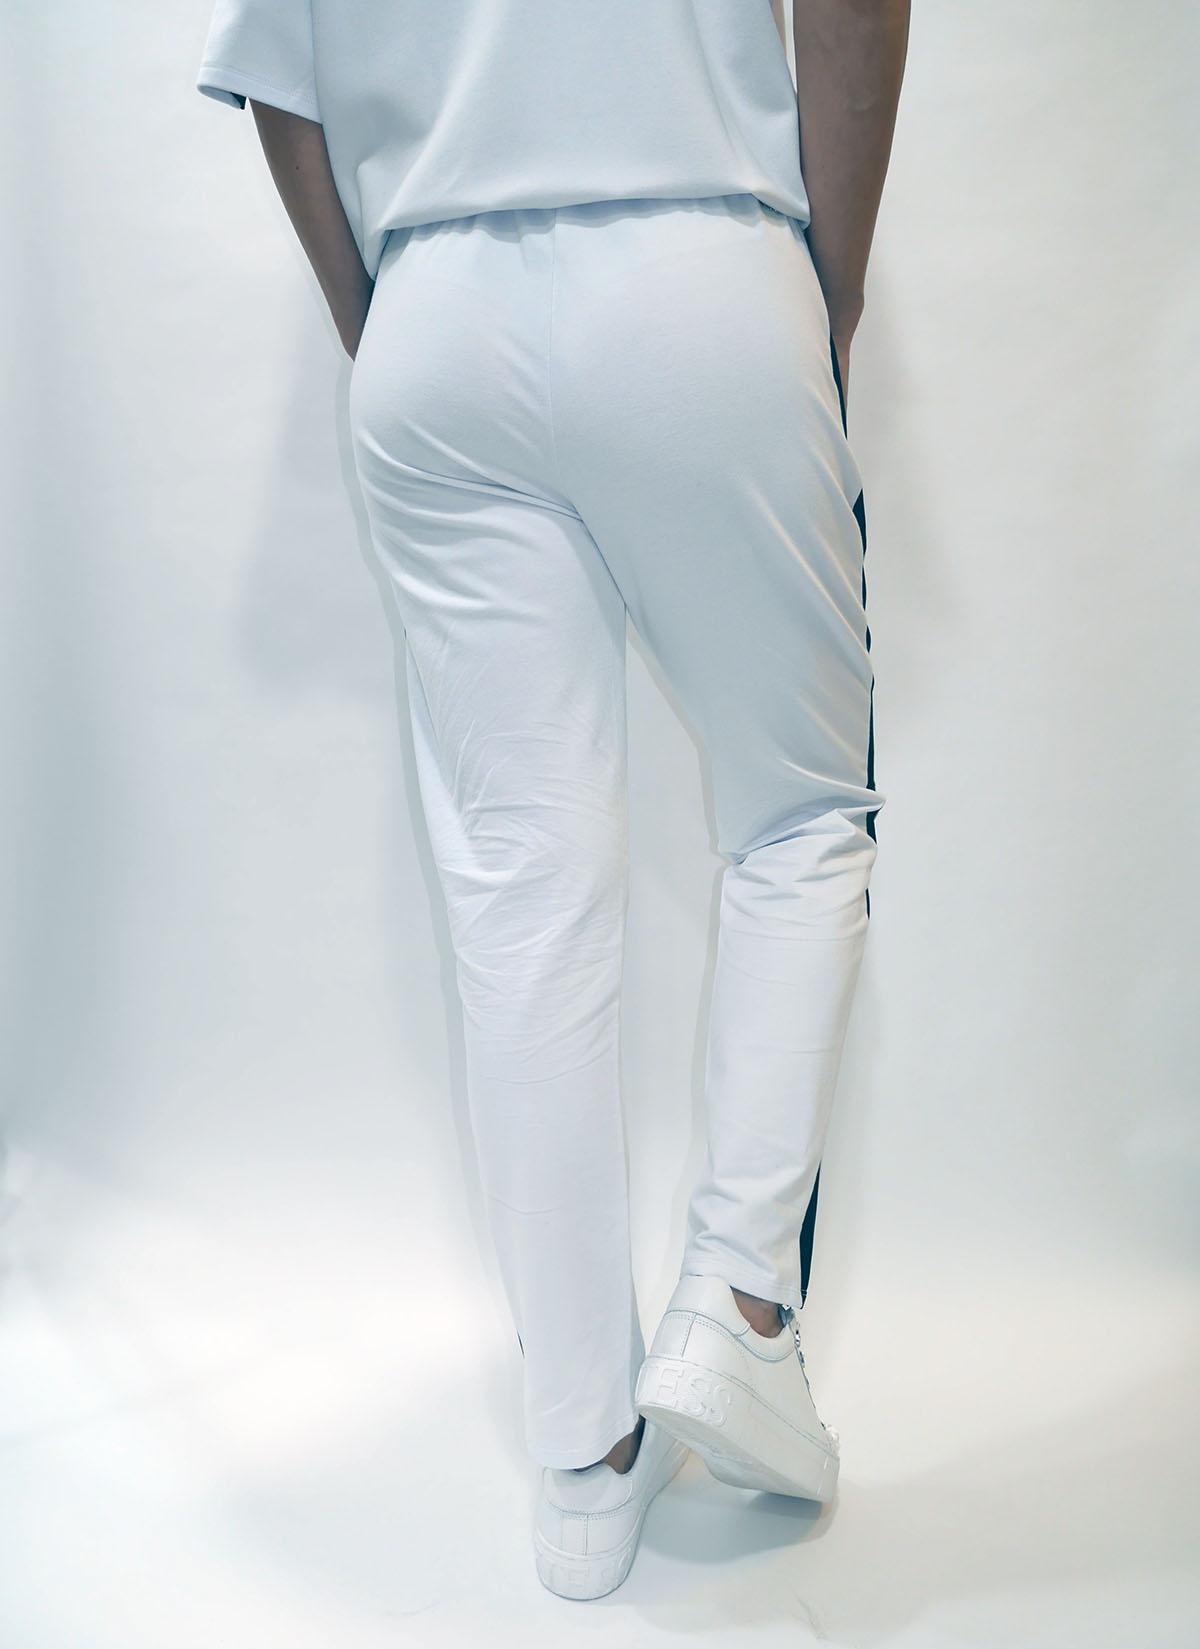 T19004 F0766 PANTS White-nero 3